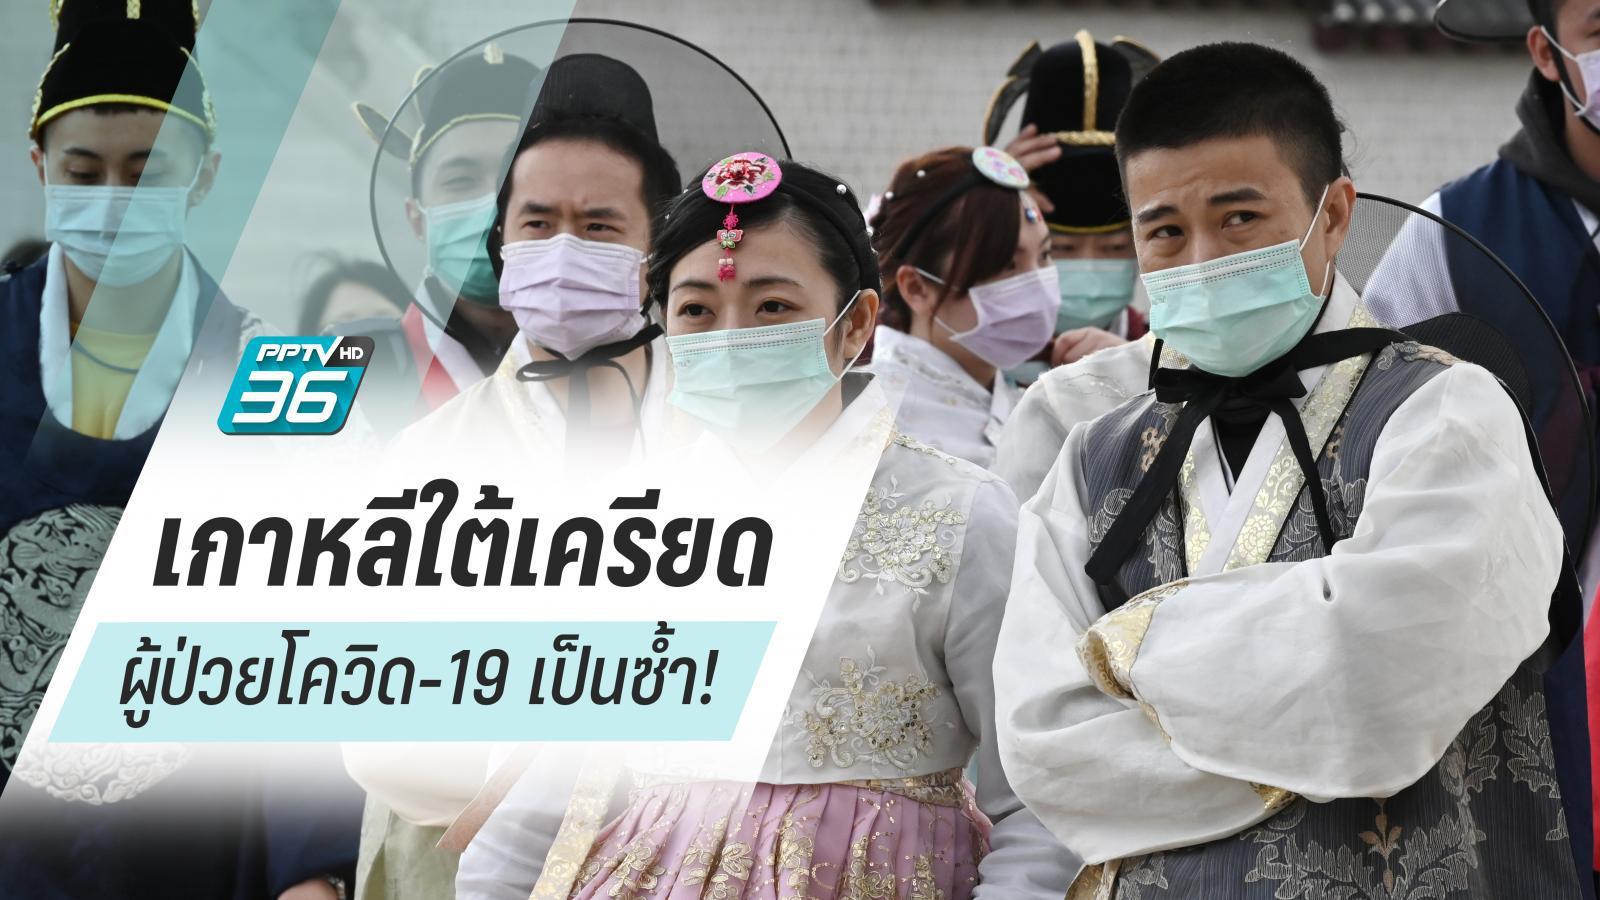 51 ผู้ป่วยโควิด-19 ในเกาหลีใต้กลับมาเป็นซ้ำอีกรอบ!